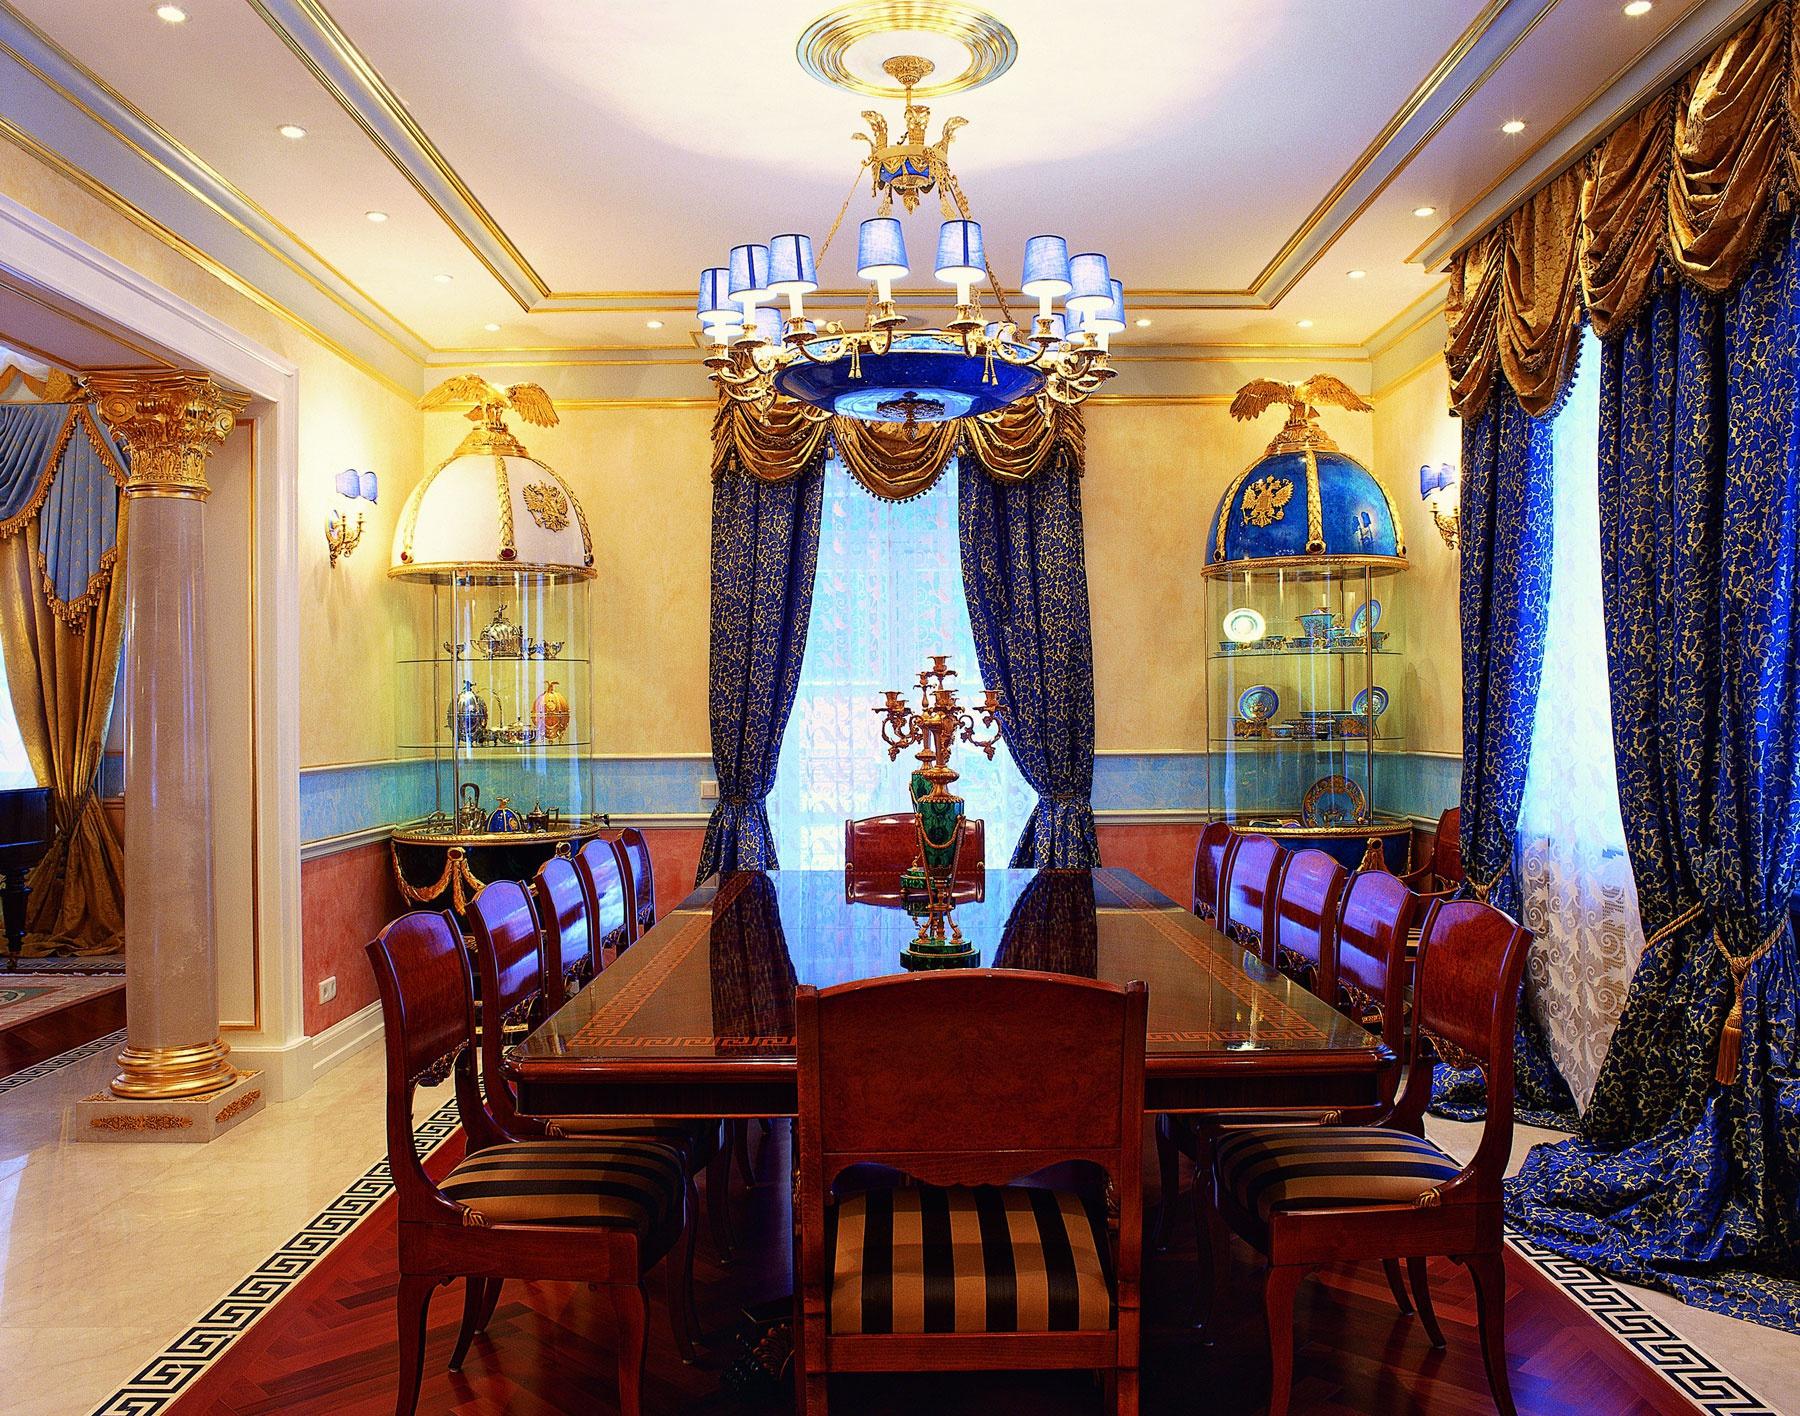 Красные стулья и стол в интерьере в стиле ампир